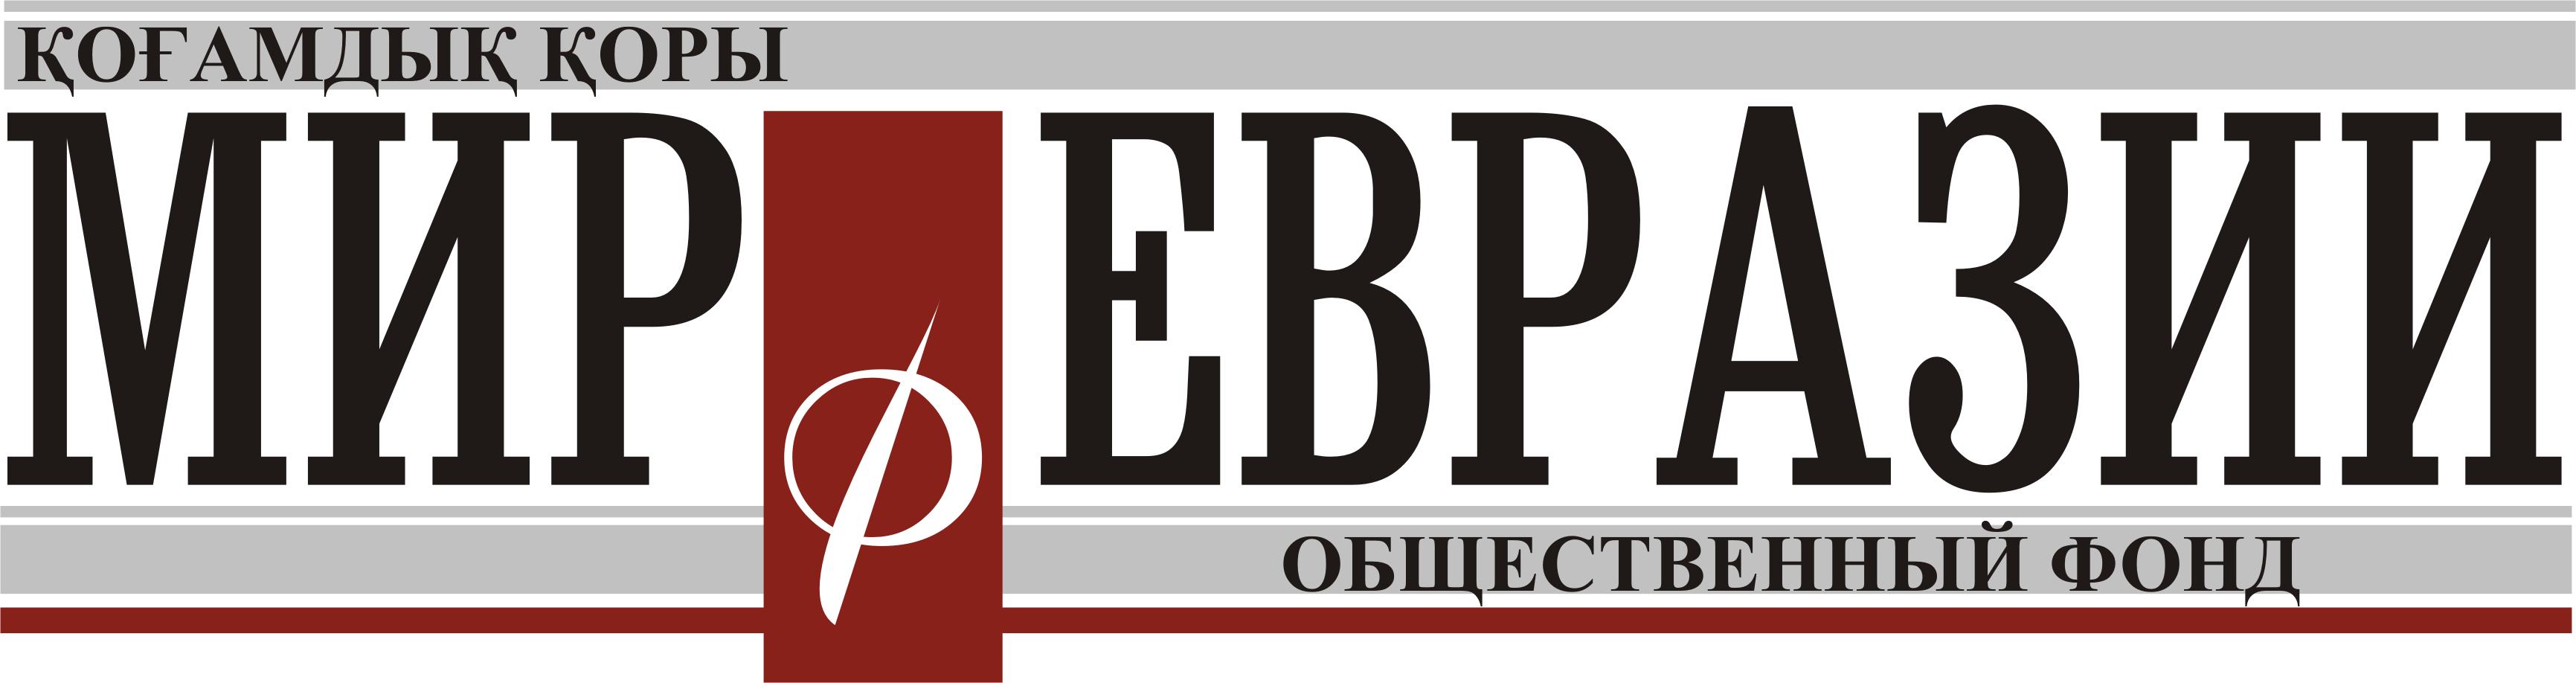 Общественный фонд «Мир Евразии»